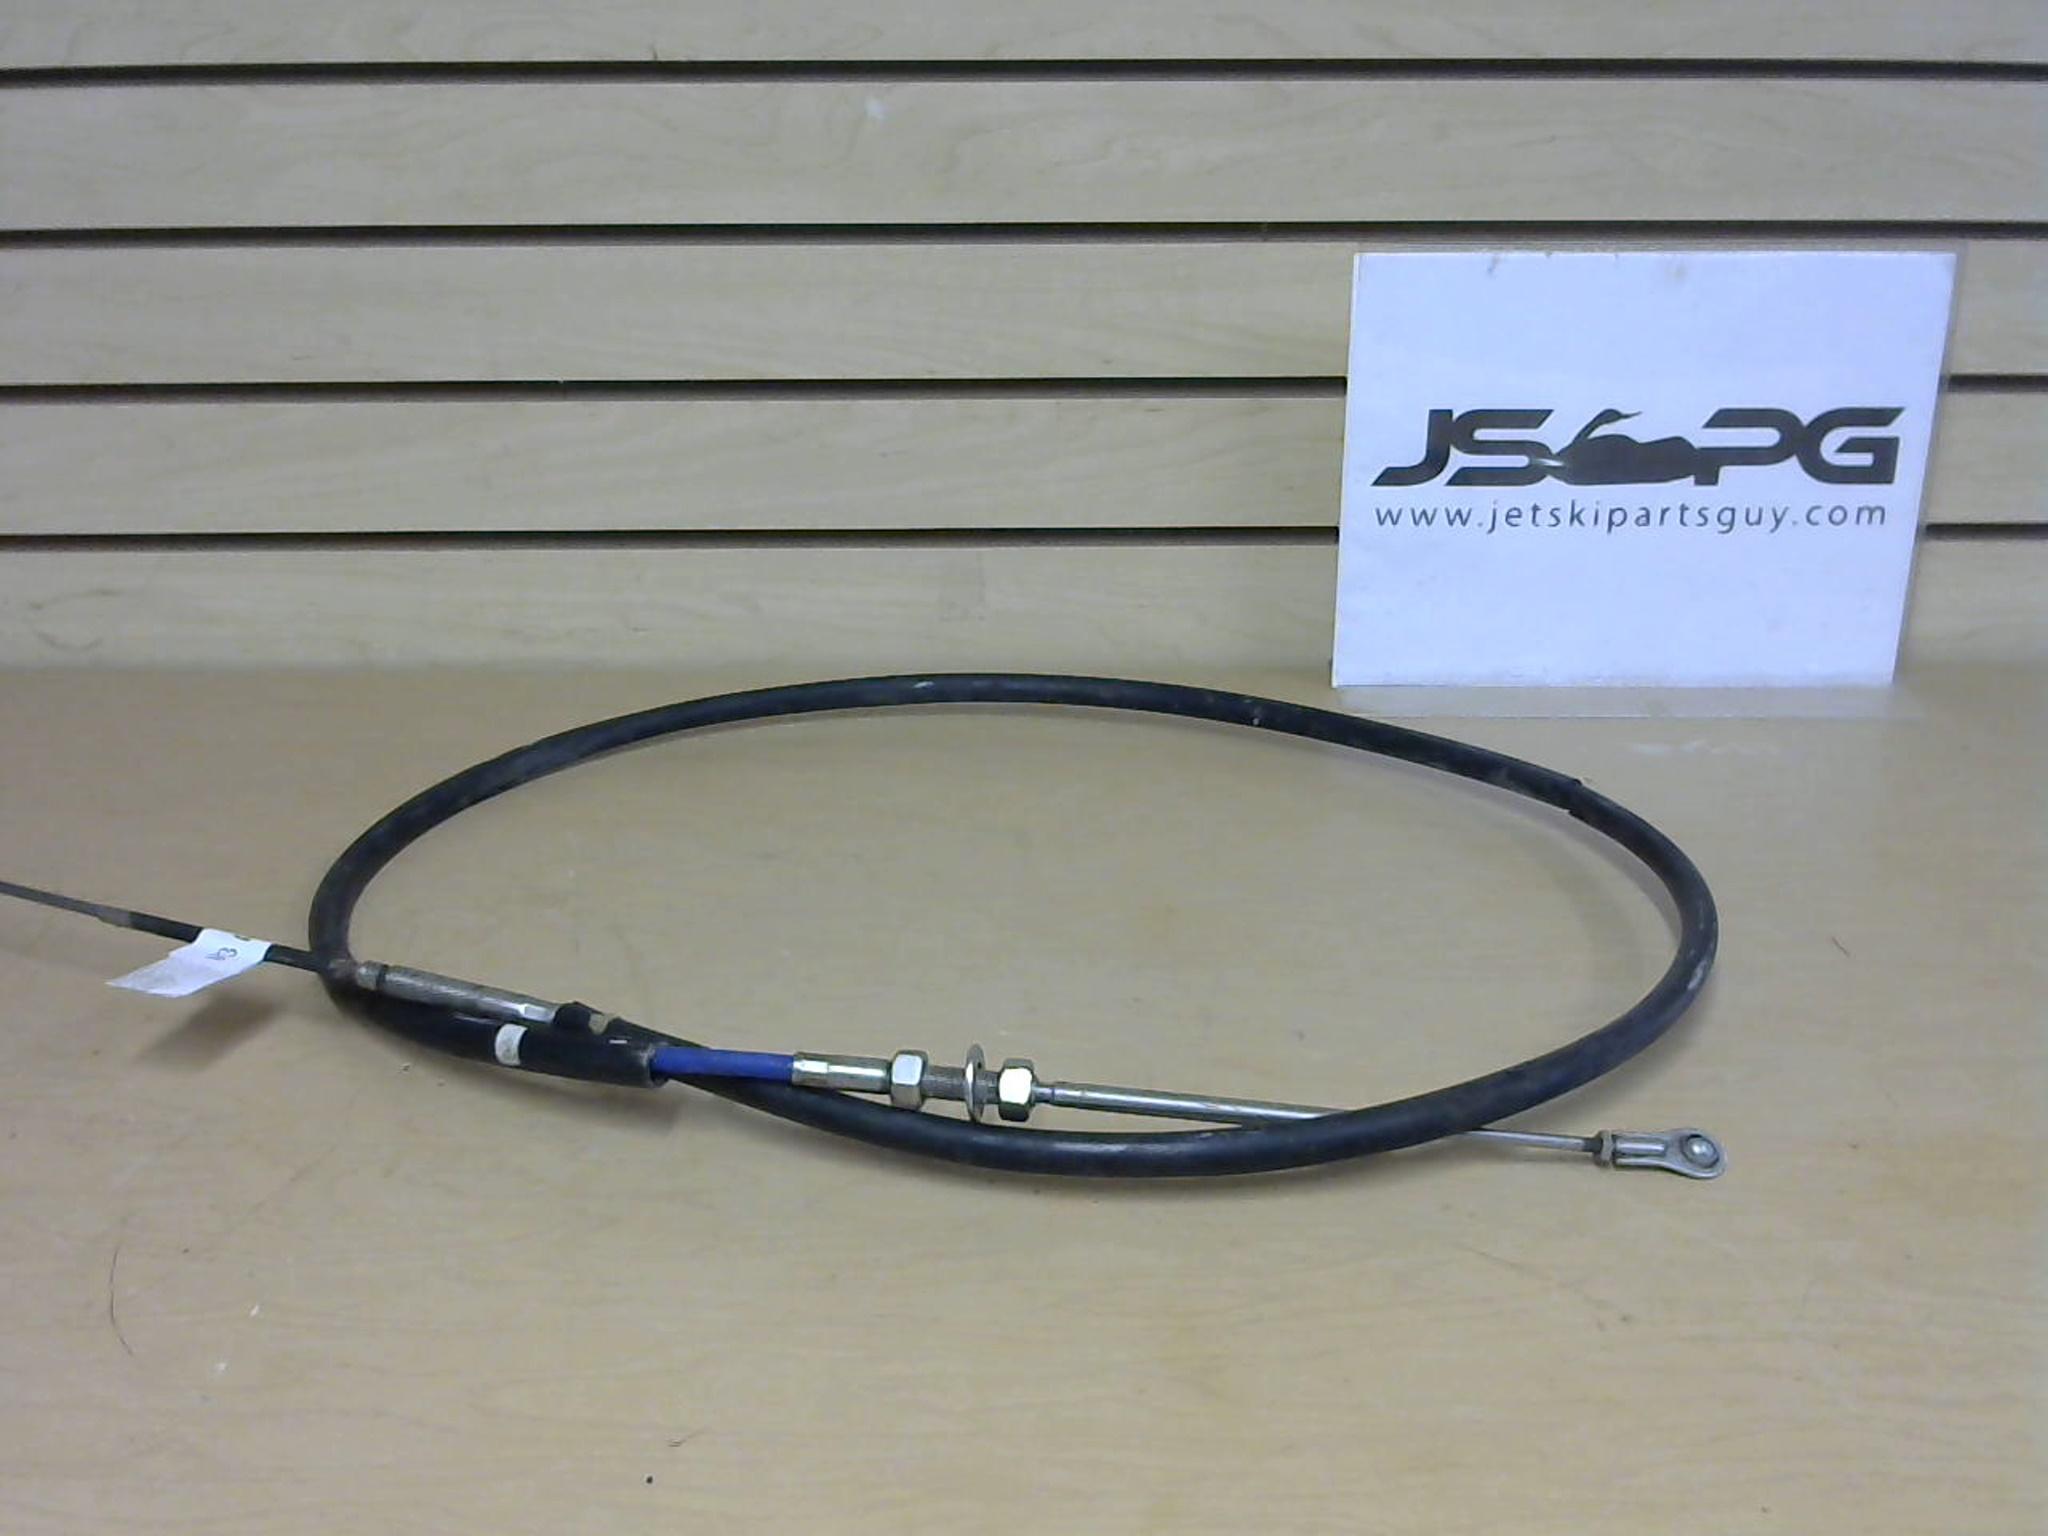 1993 Polaris SL 650 Good OEM Steering Cable with Fittings 7080435 - Used  Jetski Parts - jetskipartsguy com